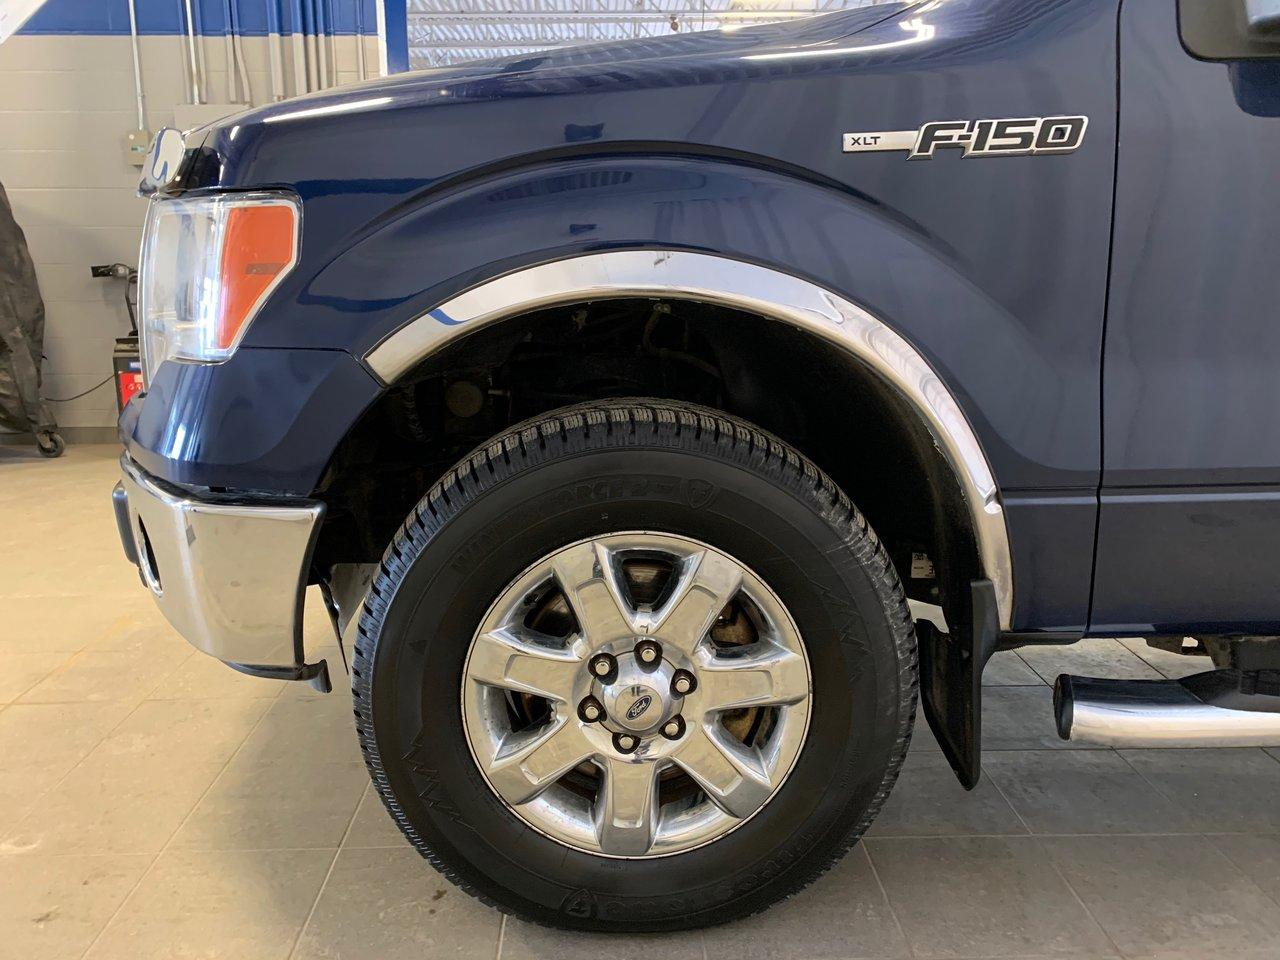 2011 Ford F-150 XLT 4X4 XTR